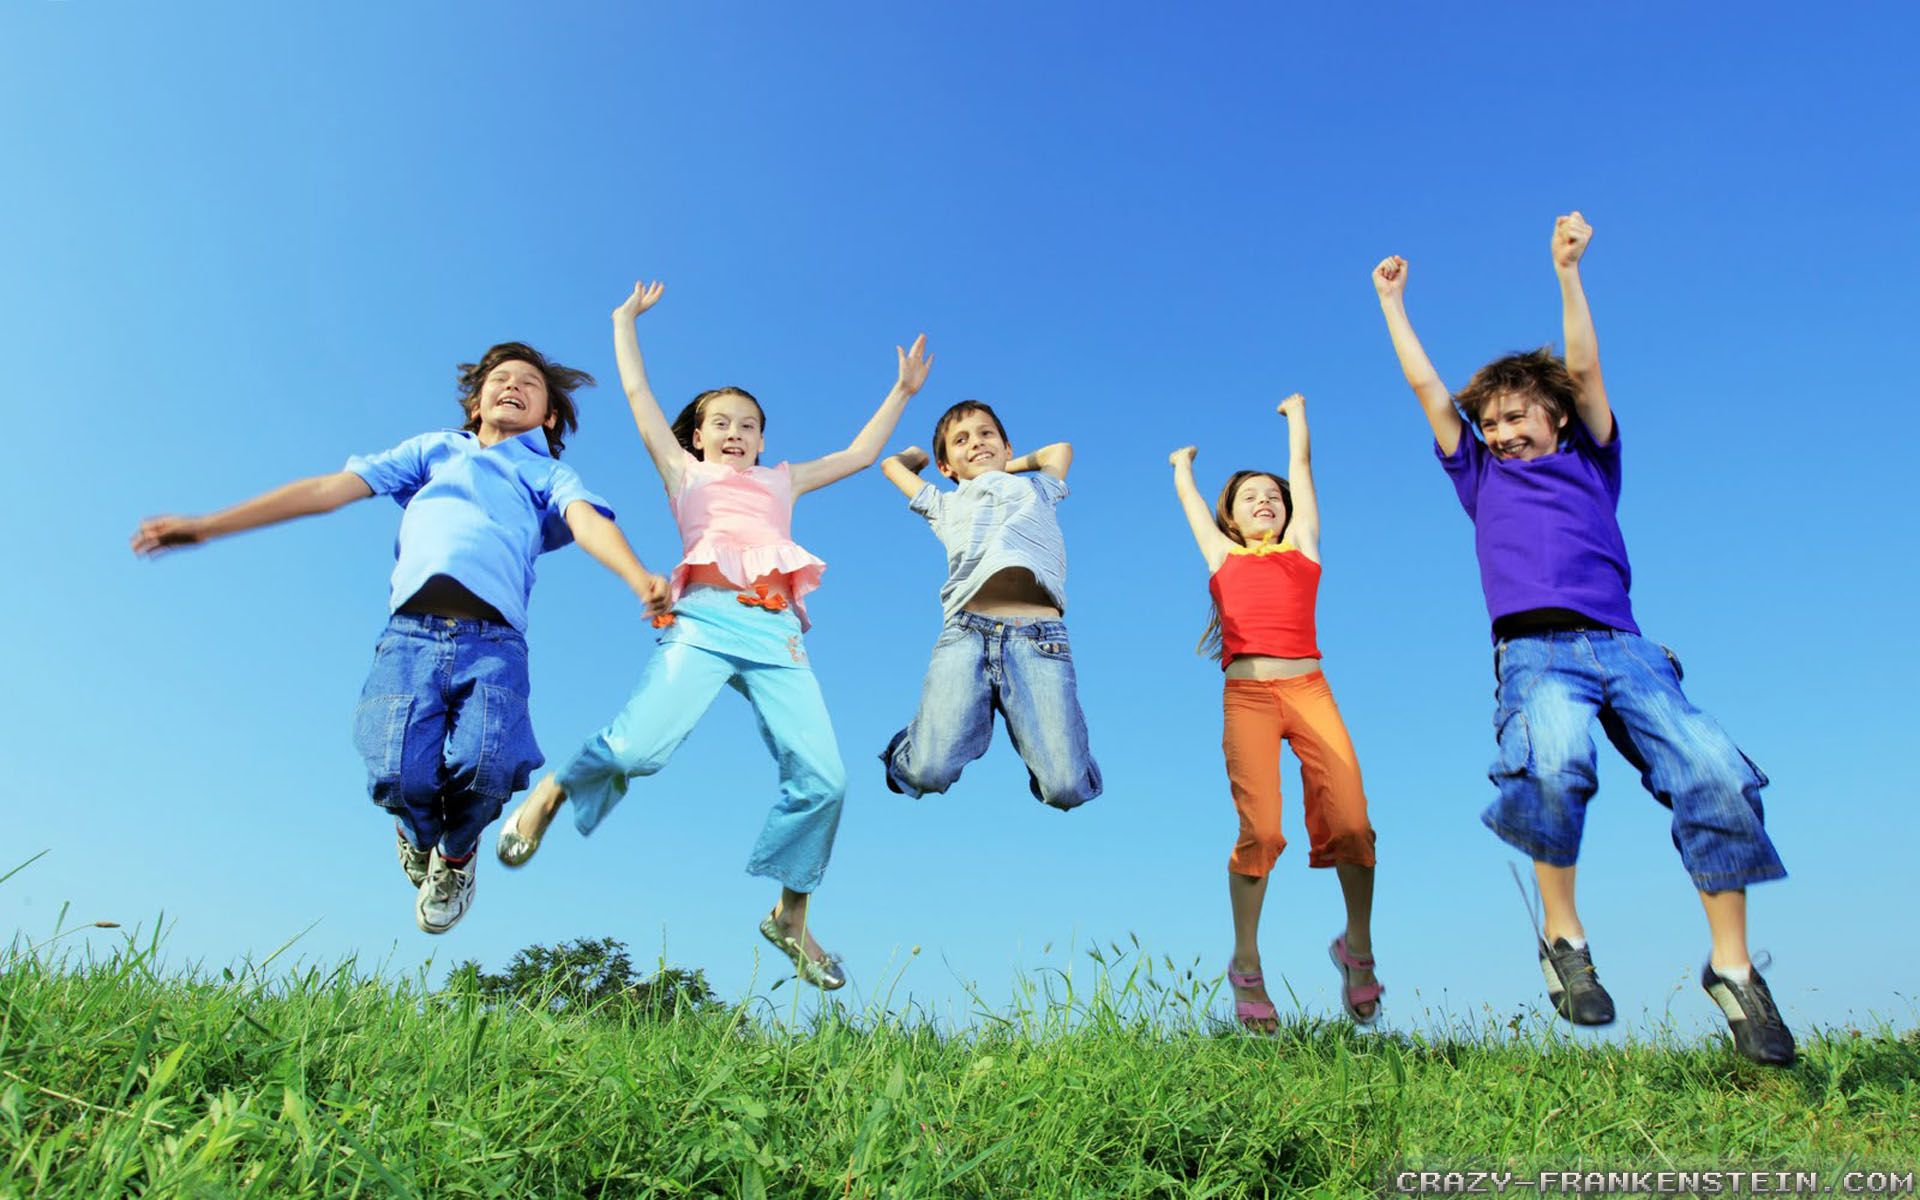 Cute Kids Wallpaper HD   Kinder schützen, Glückliche kinder